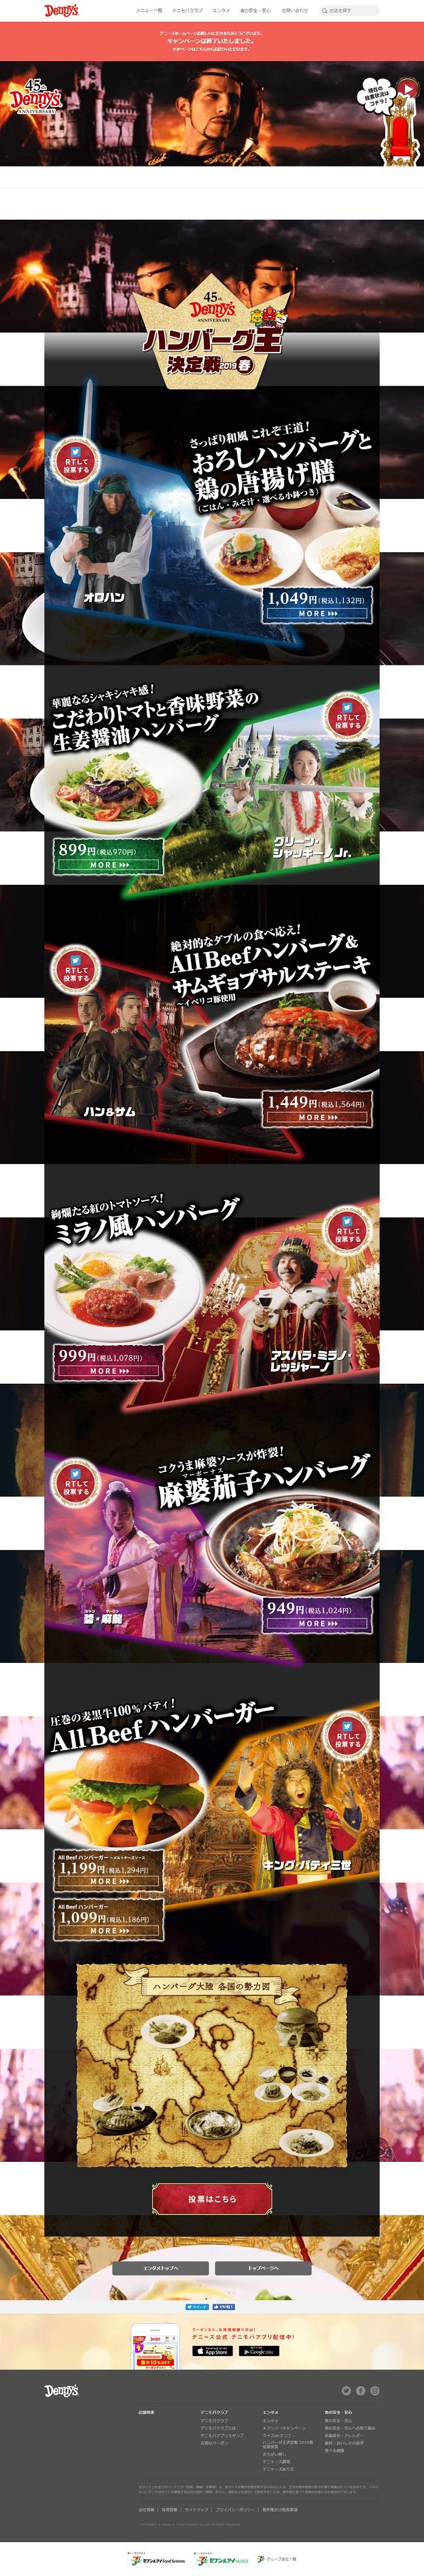 ハンバーグ王決定戦 2019春 特設サイト | デニーズ